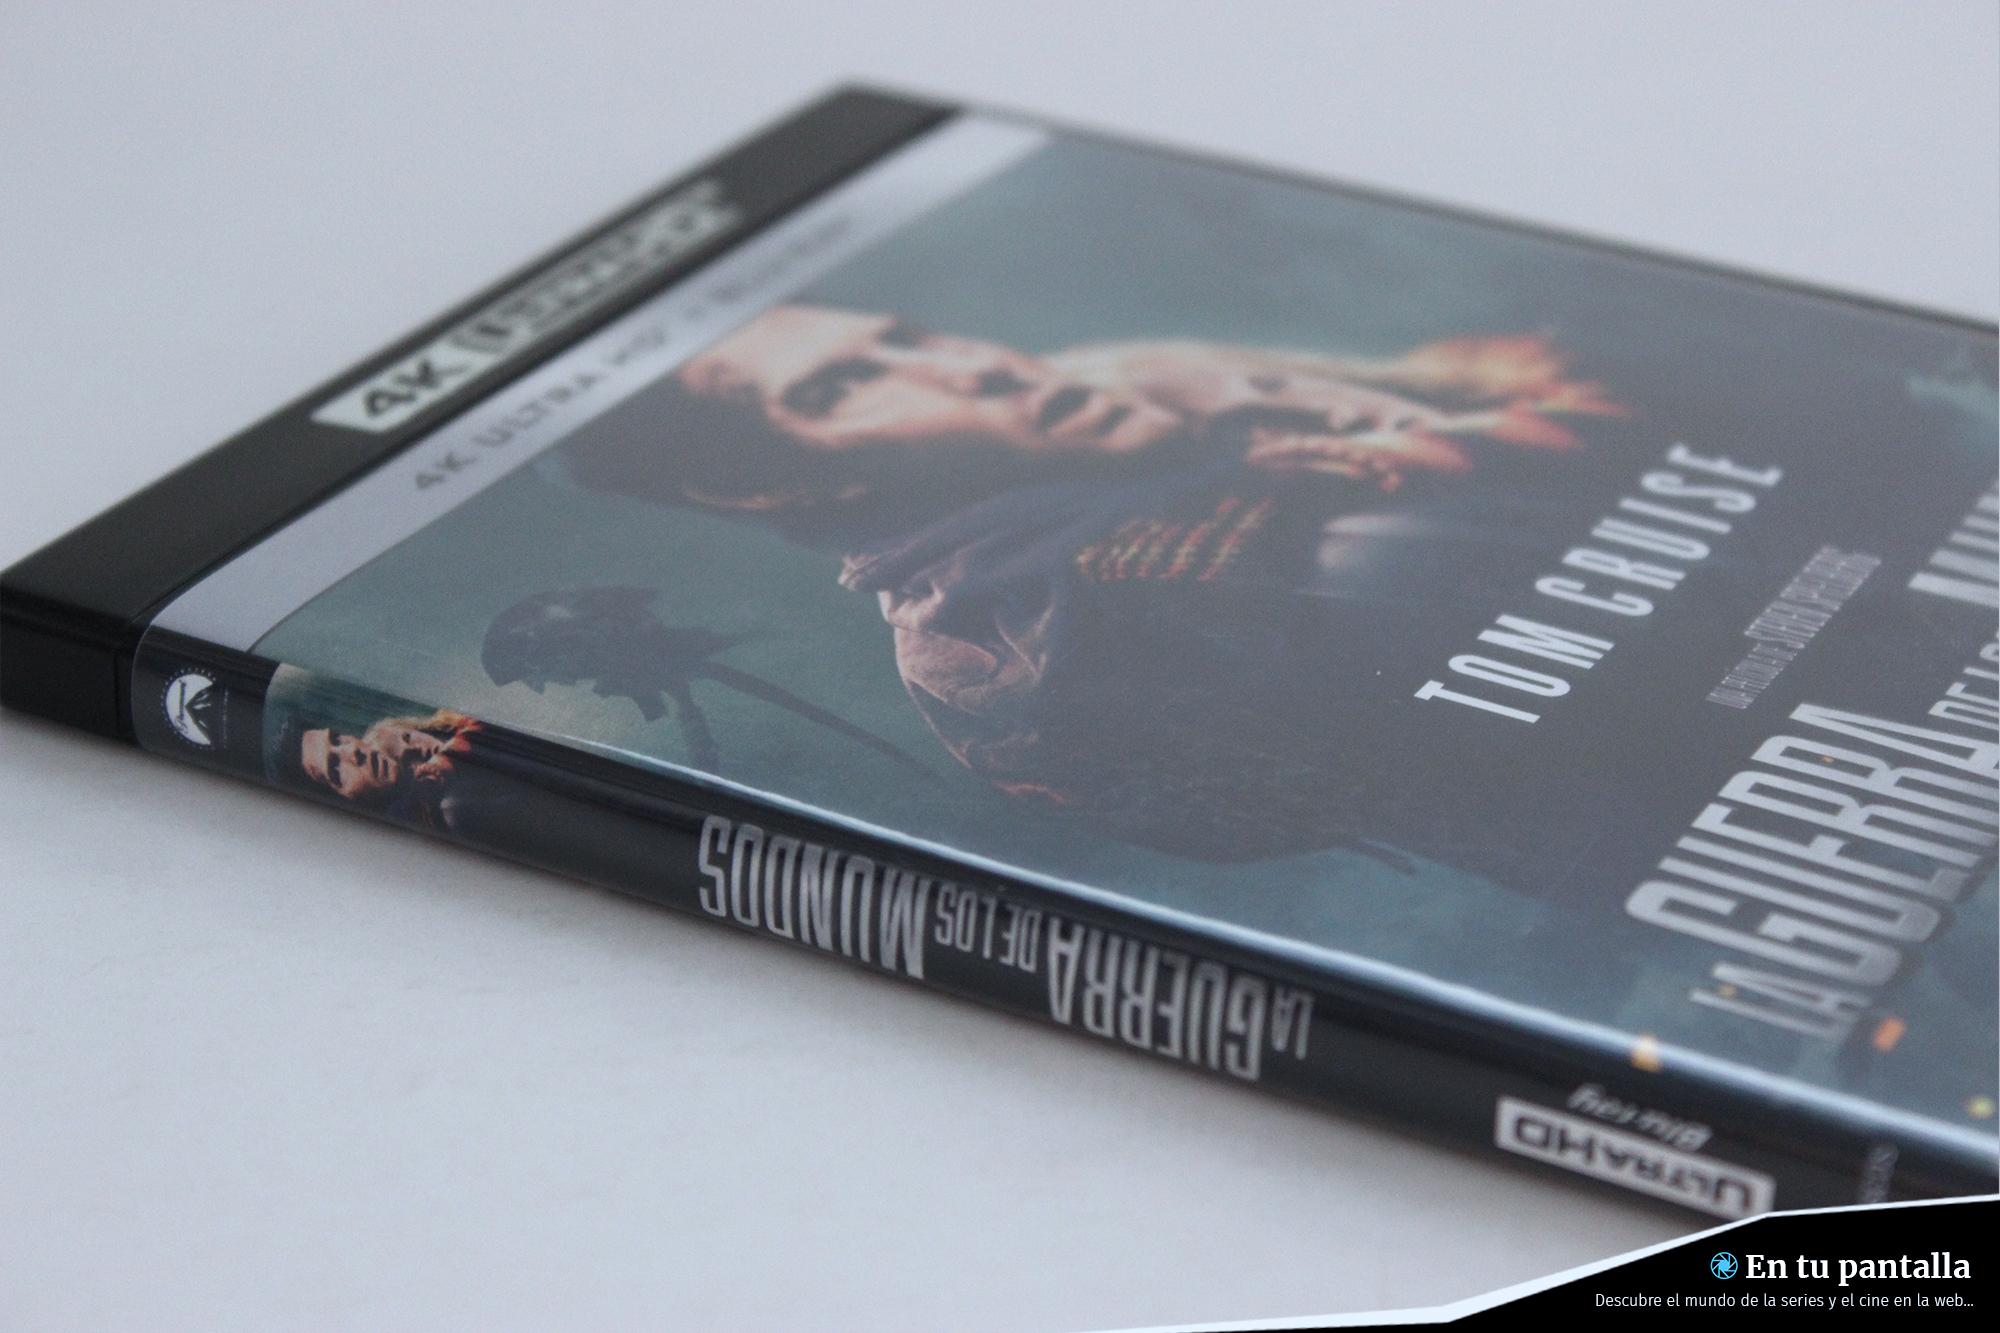 Análisis 4K Ultra HD: 'La Guerra de los Mundos', un disco bien exprimido • En tu pantalla